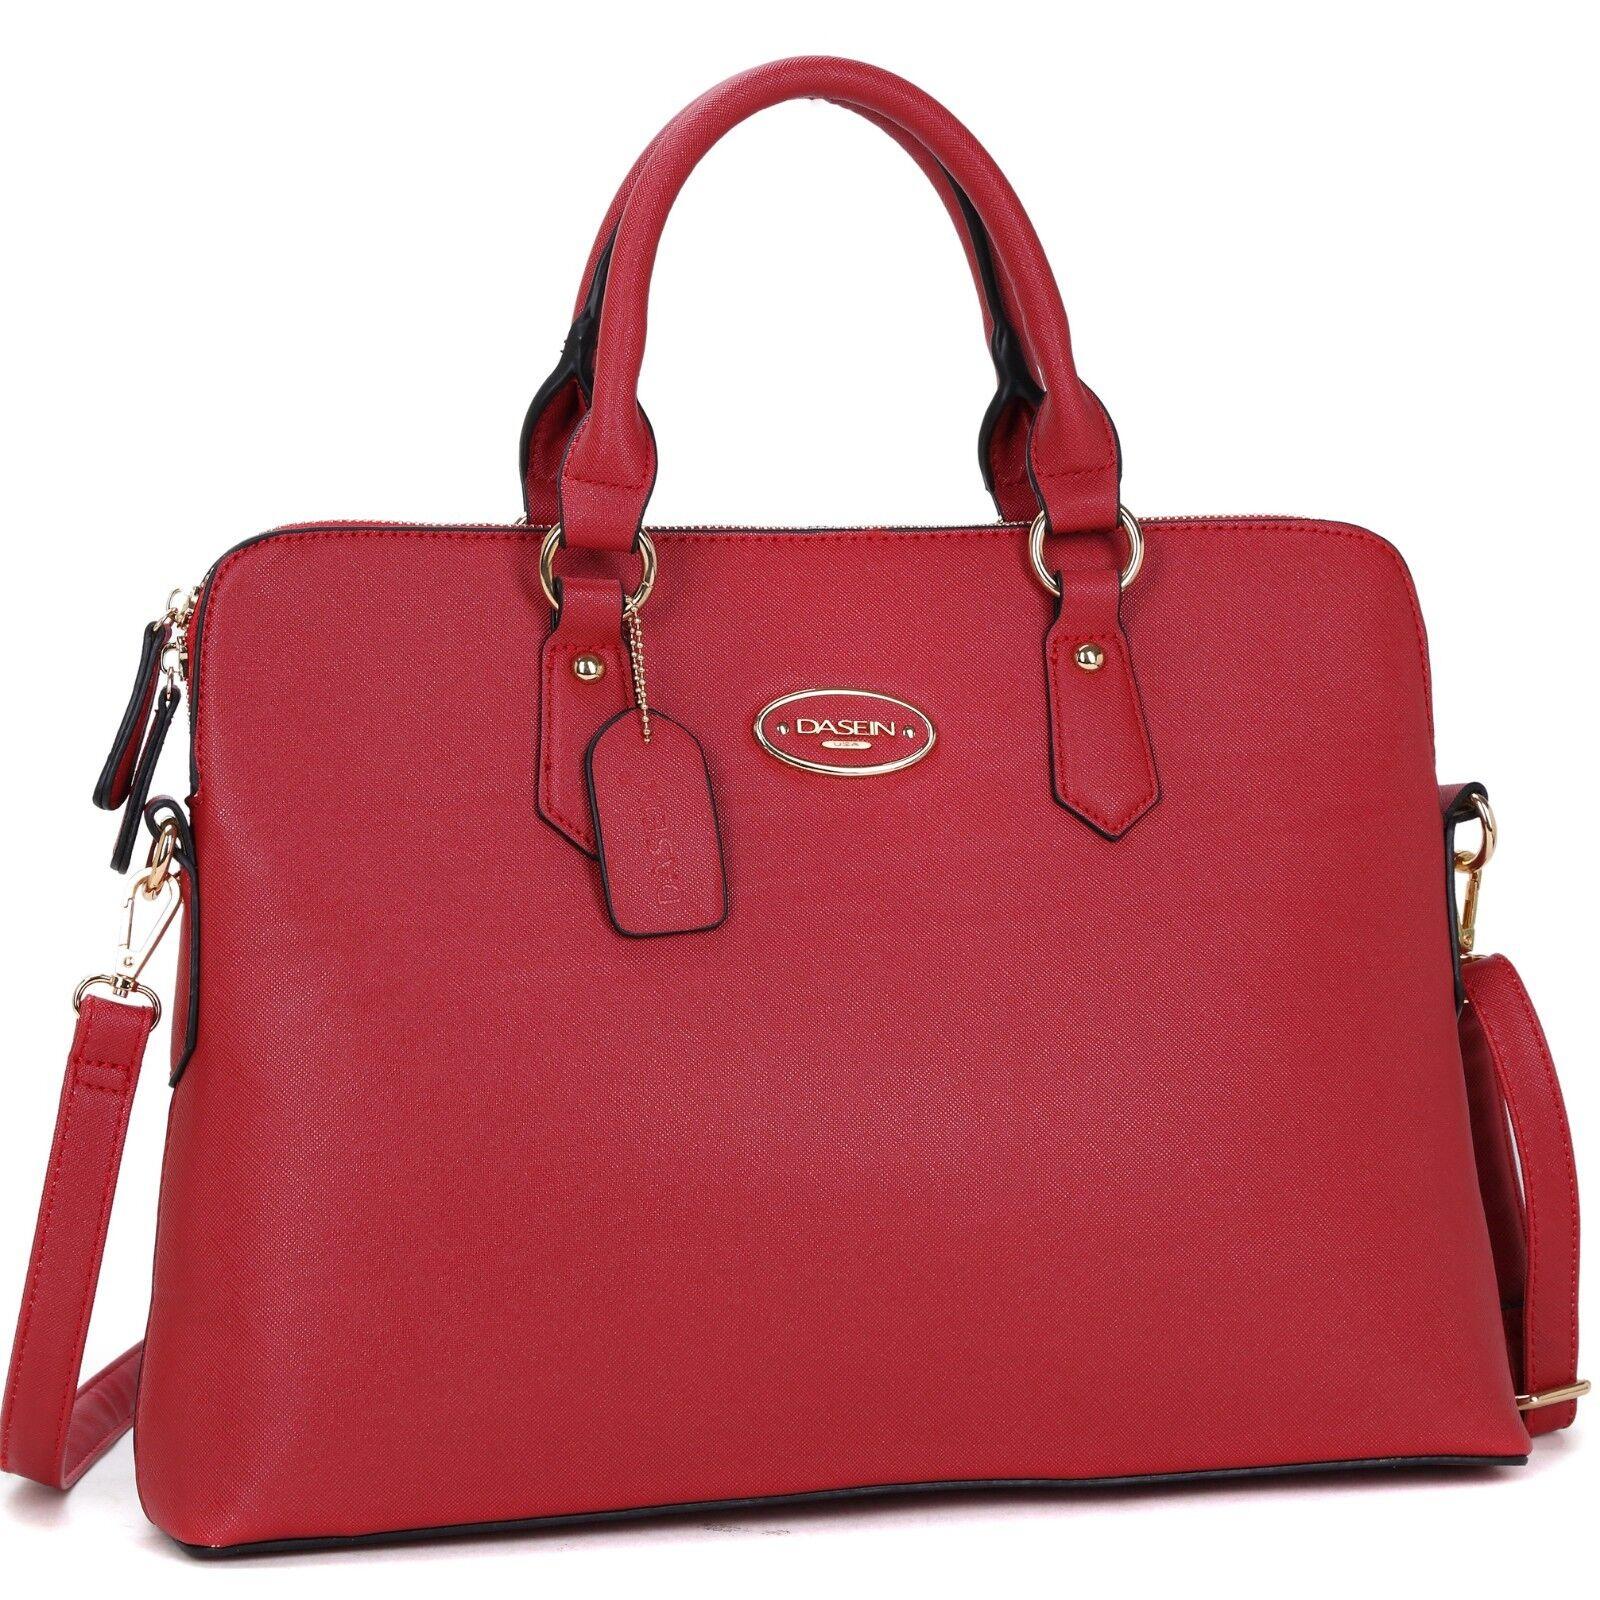 Women Faux Leather Briefcase Laptop Handbag Satchel Bag Business Work Purse . Buy it now for 35.99